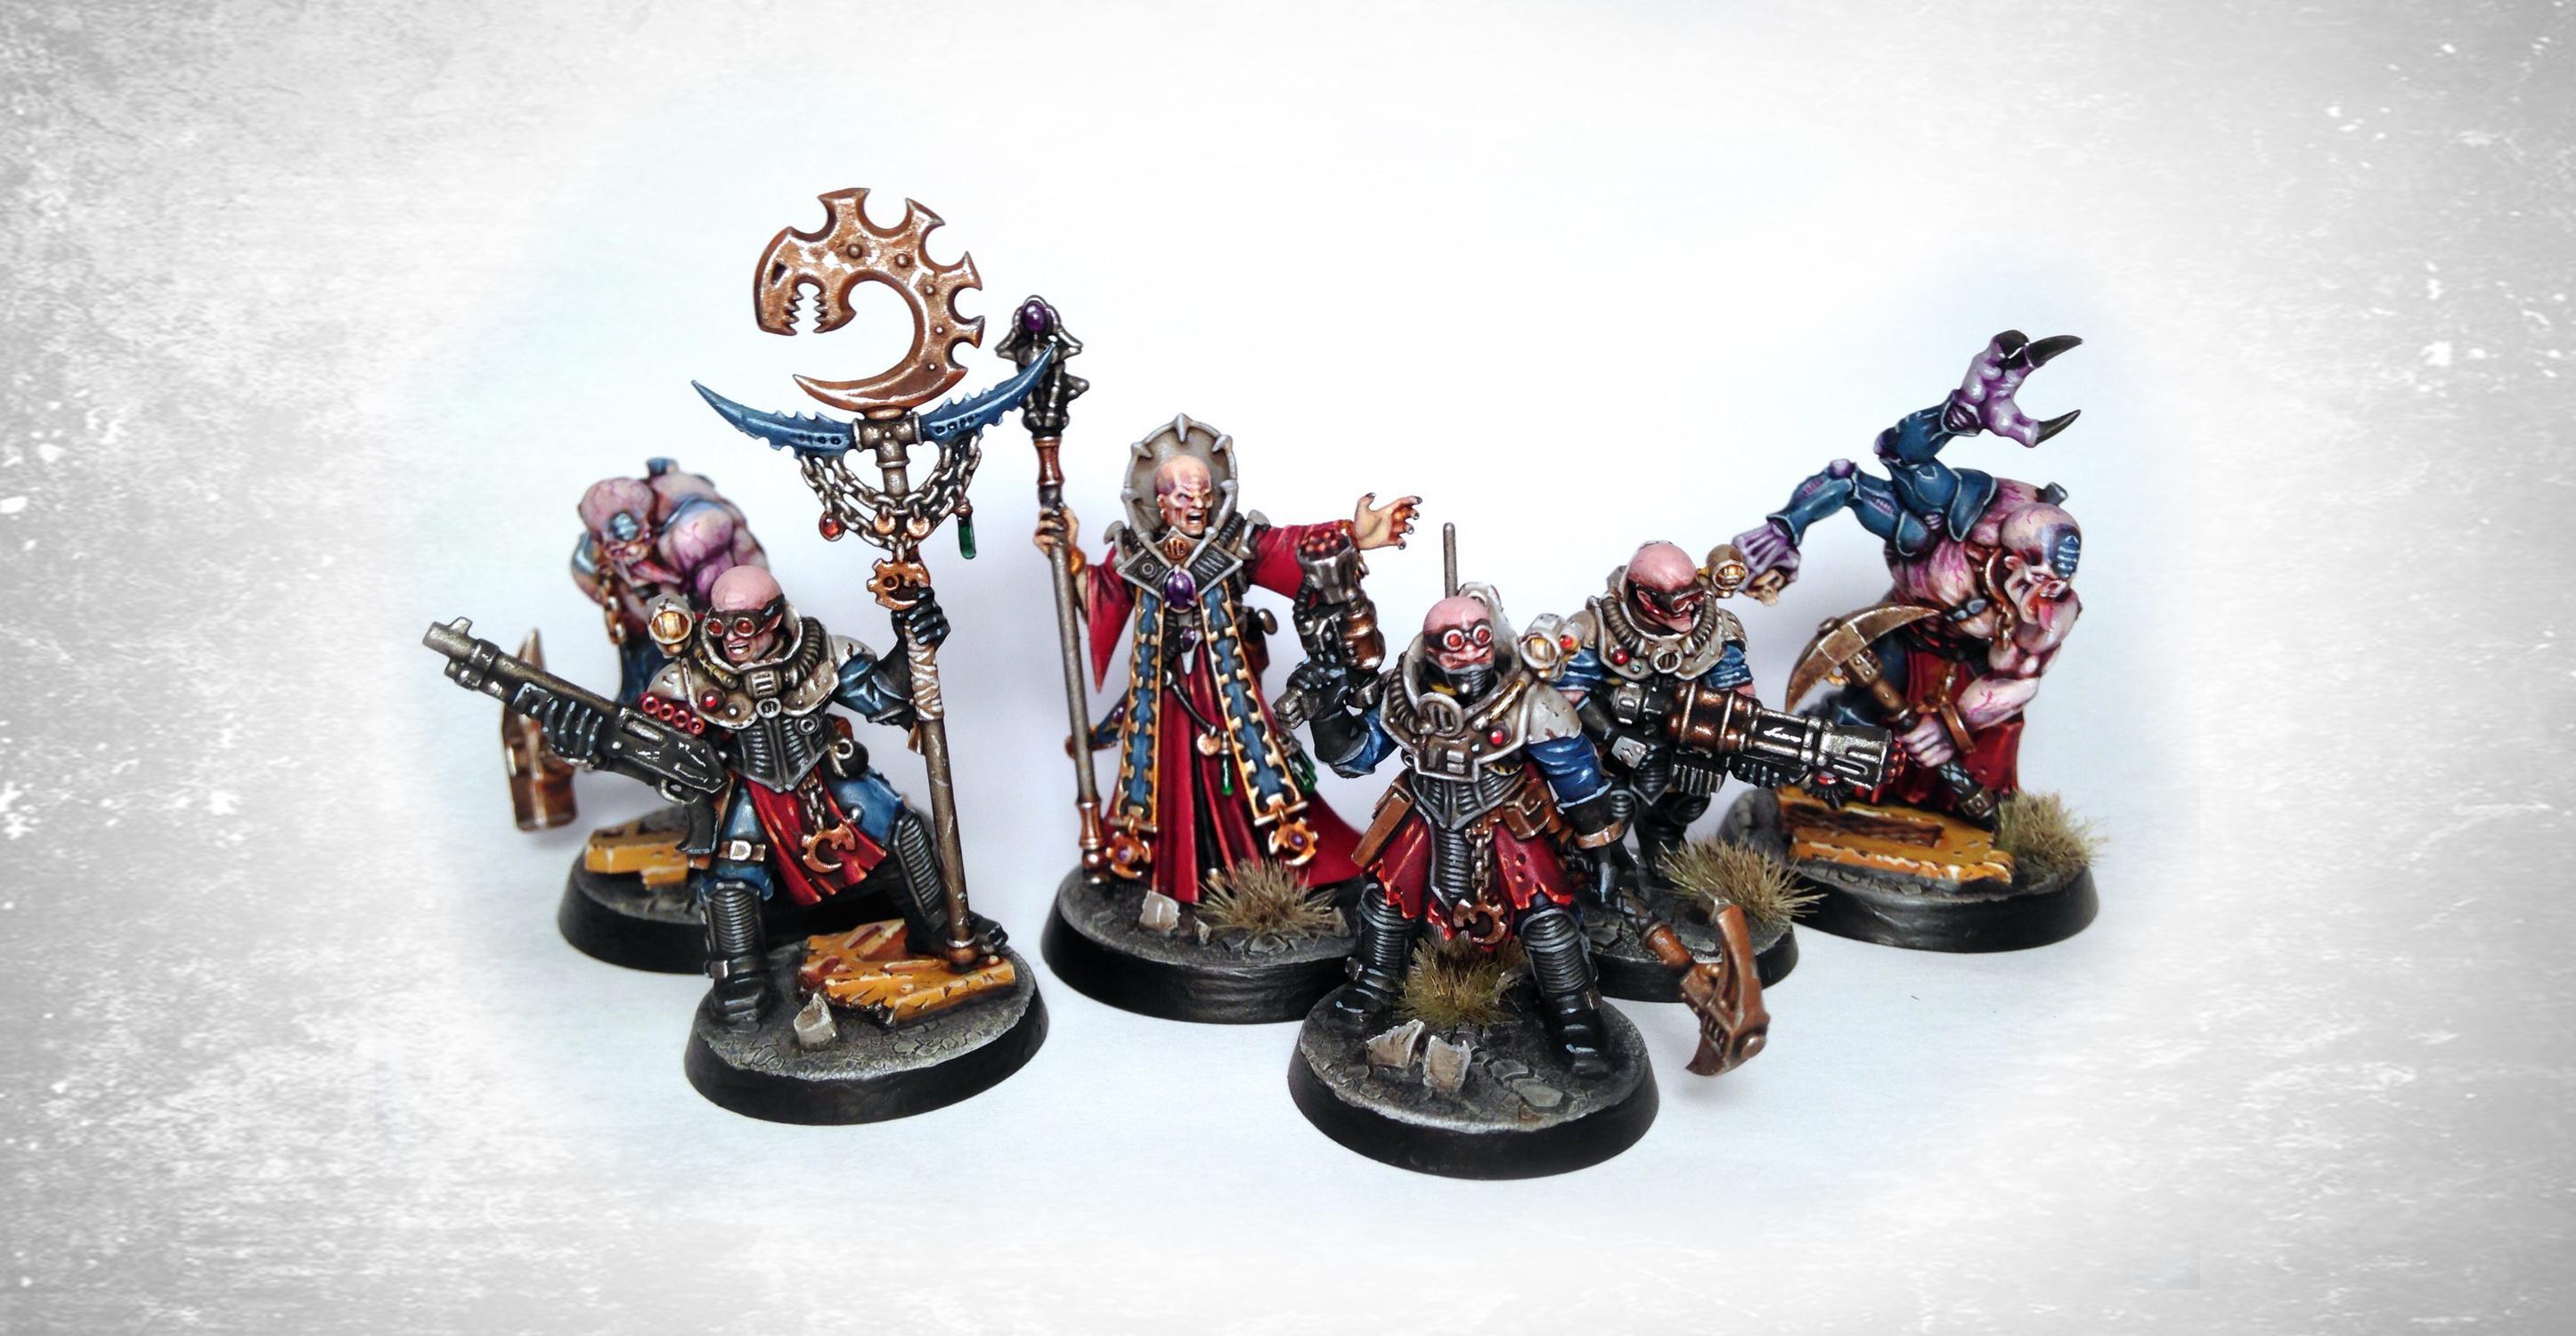 Cultists, Genestealer Cult, Hybrids, Neophyte, Warhammer 40,000